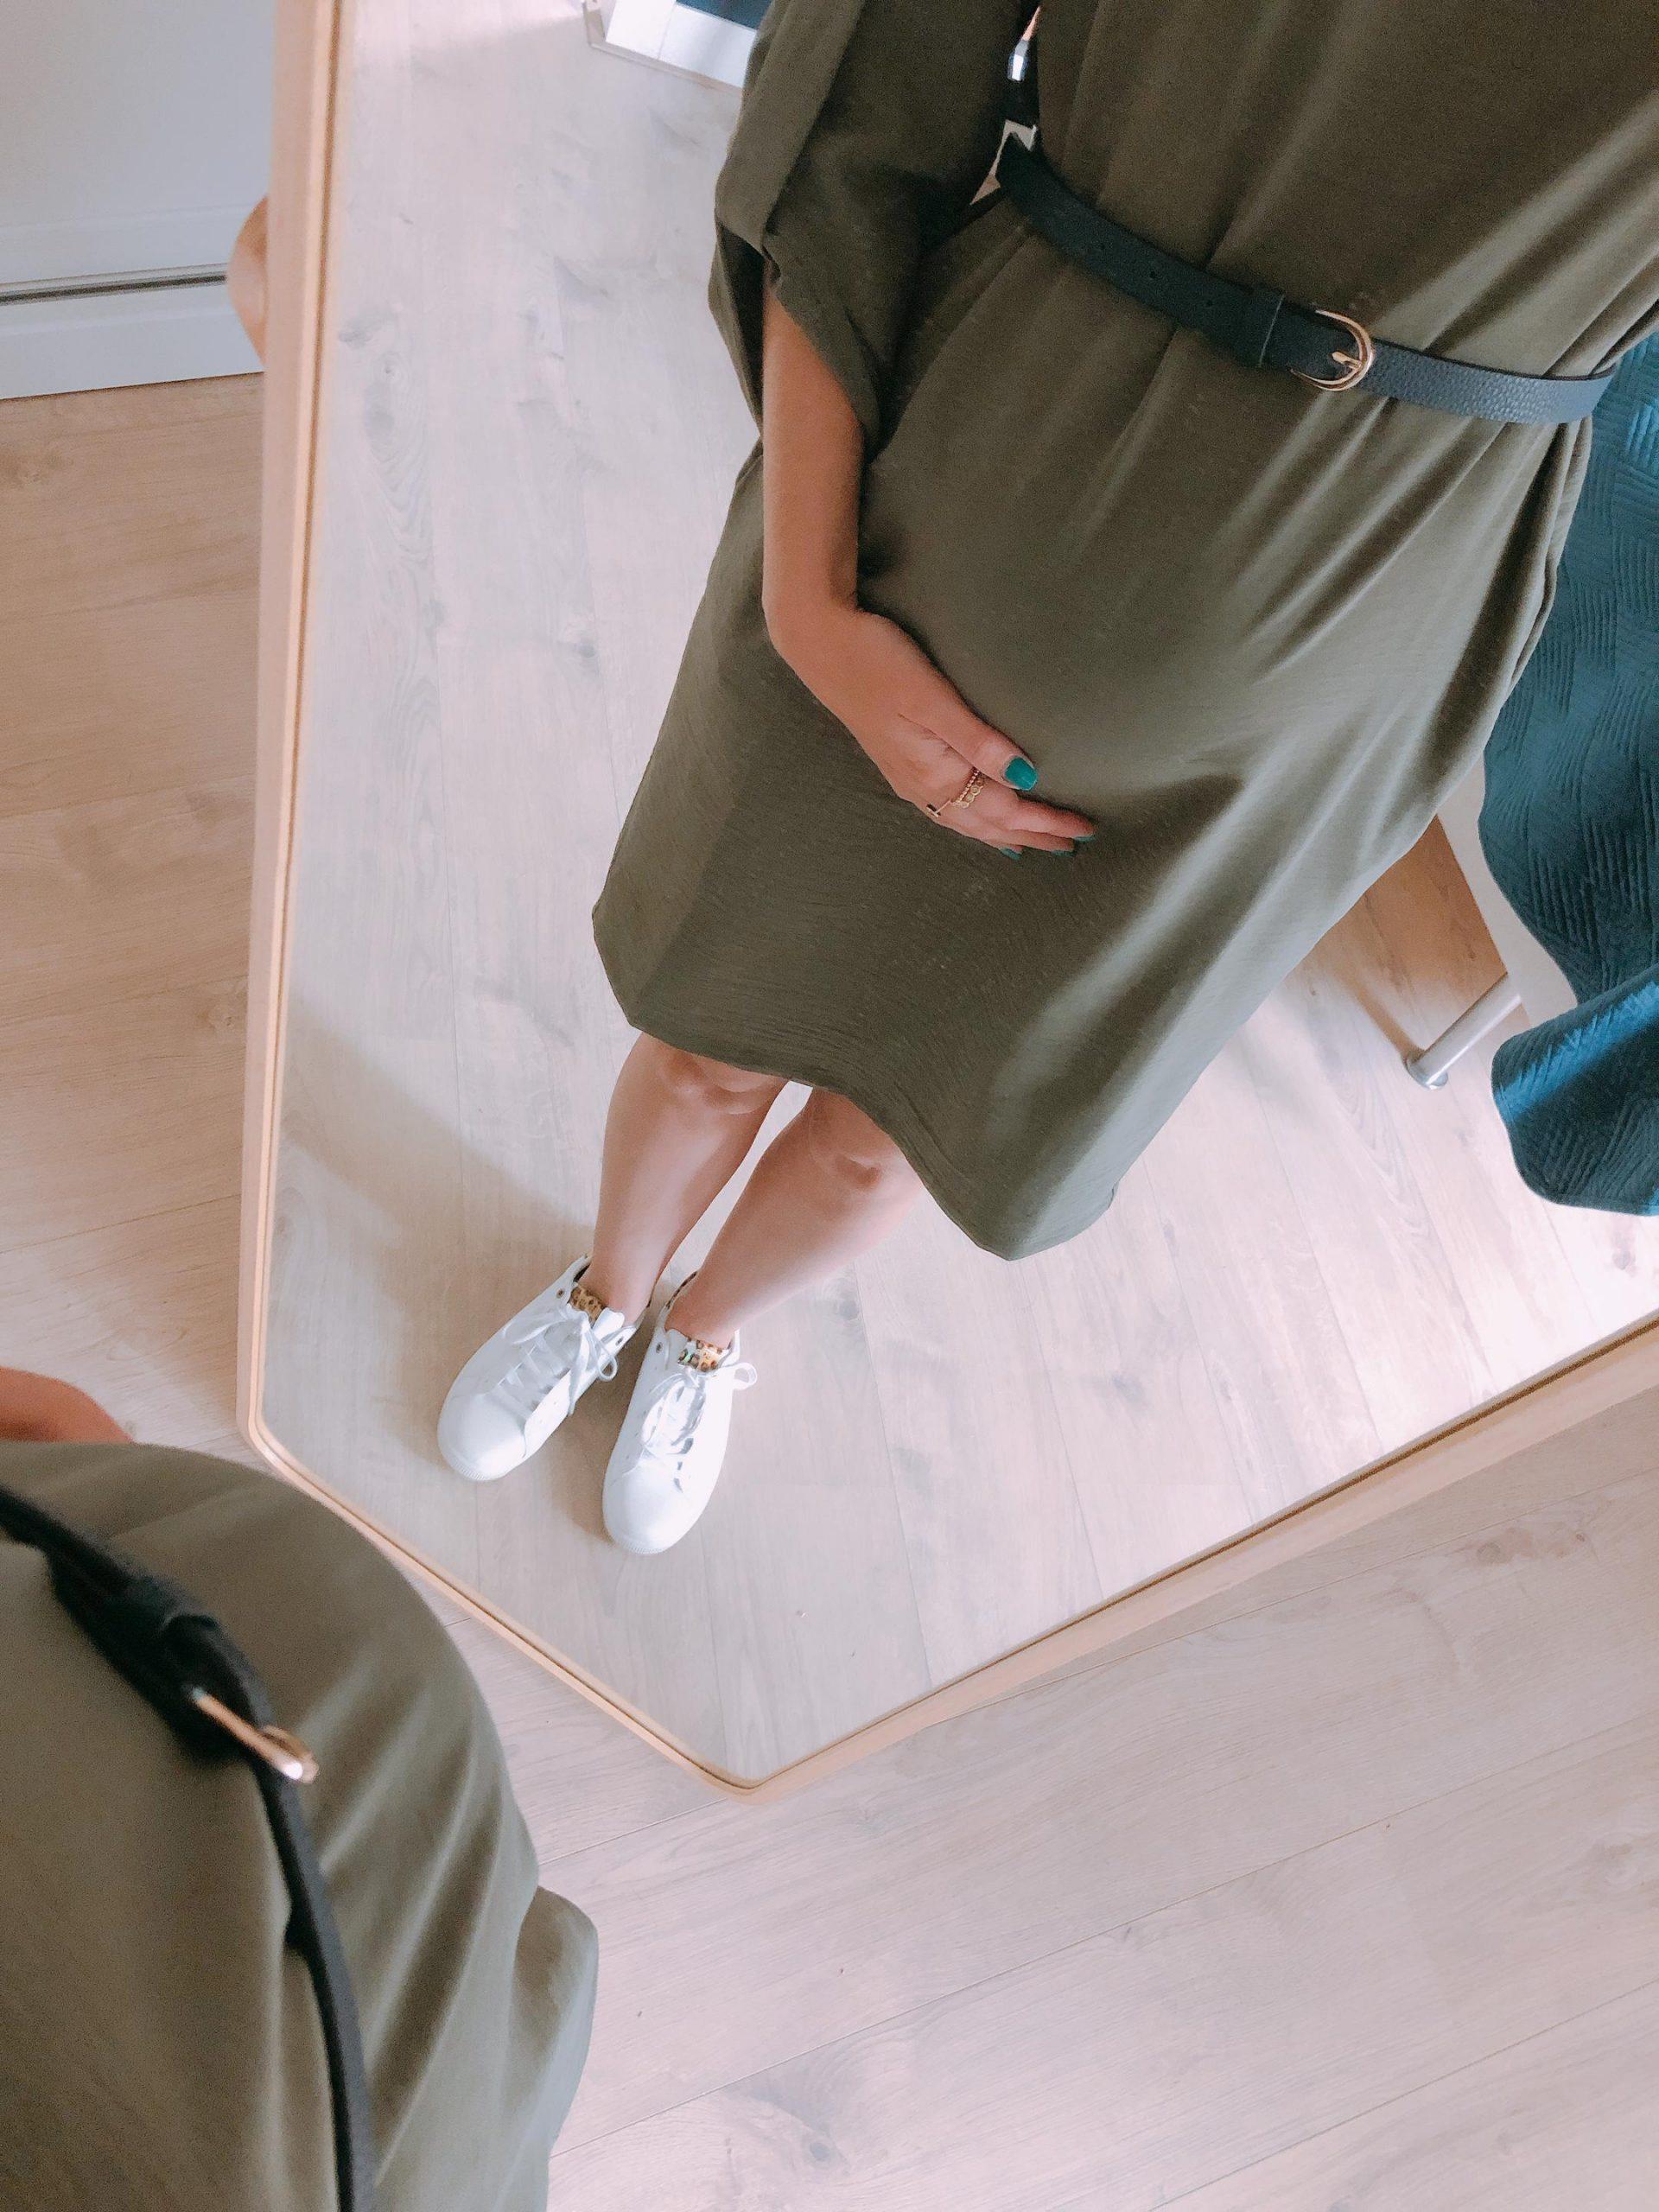 IMG 3077 2160x2880 1 scaled - Kledingshoplog - outfits updaten van zomer naar herfst & winter!